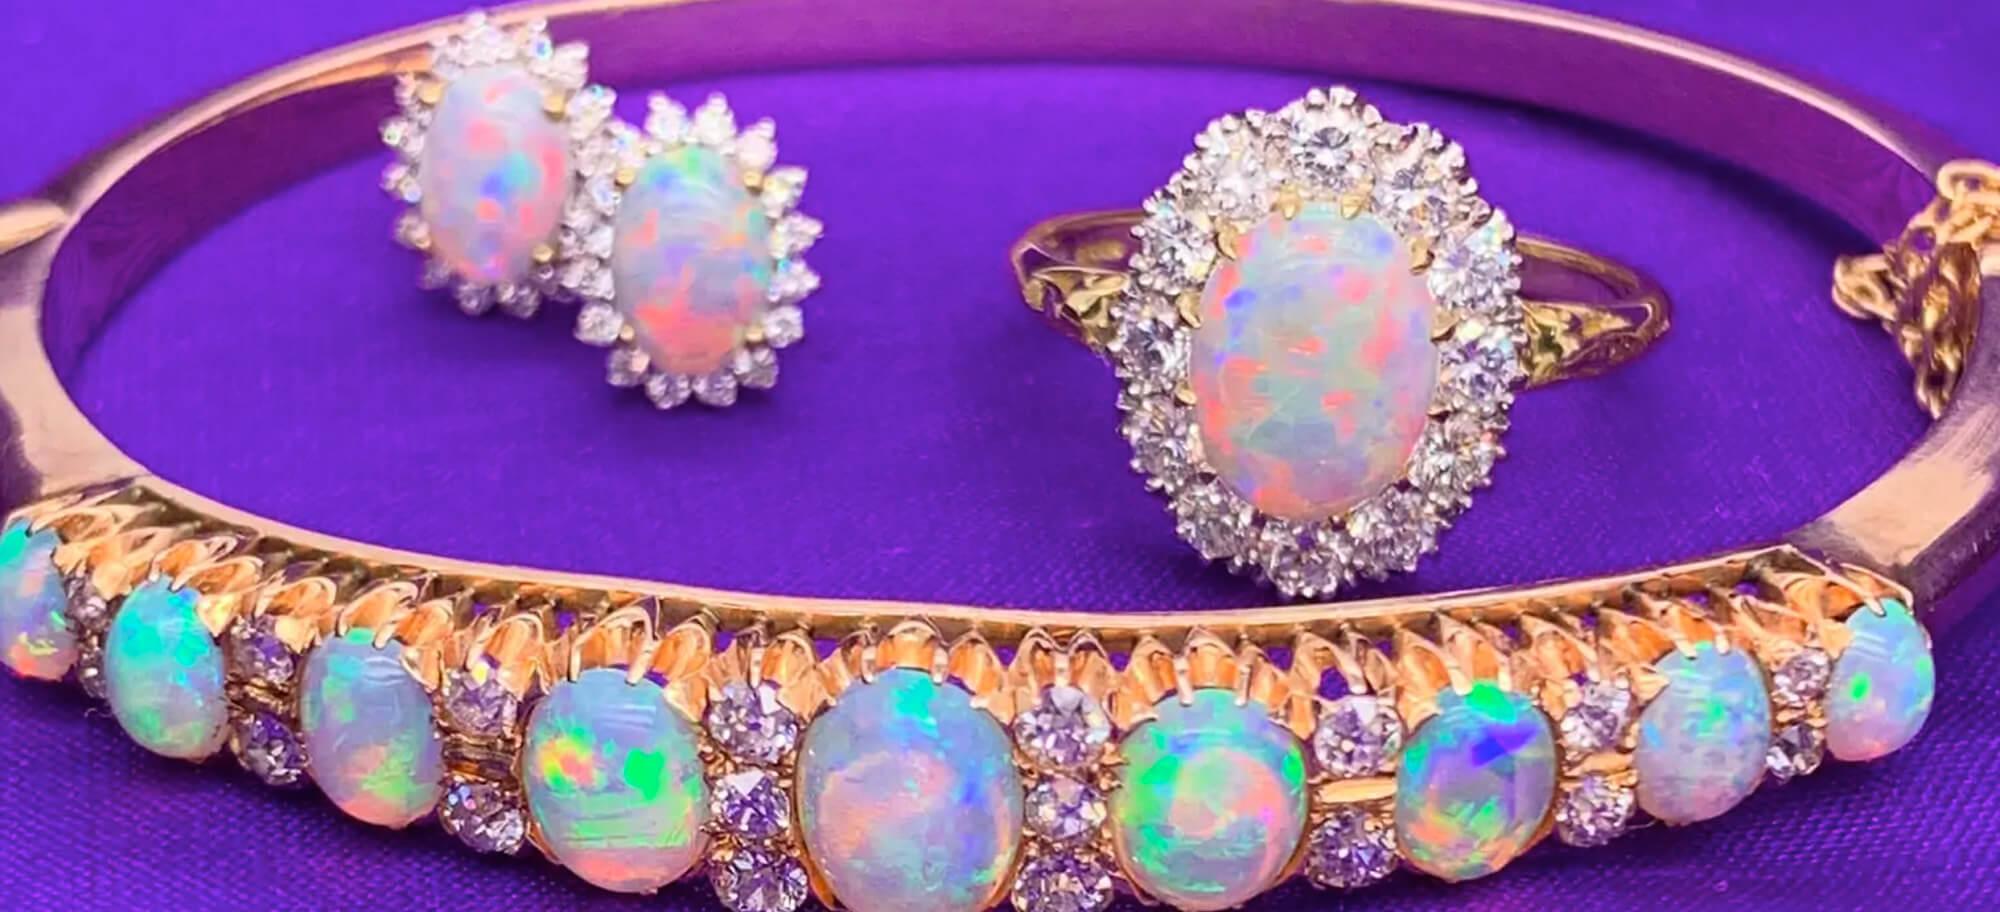 October's Opals